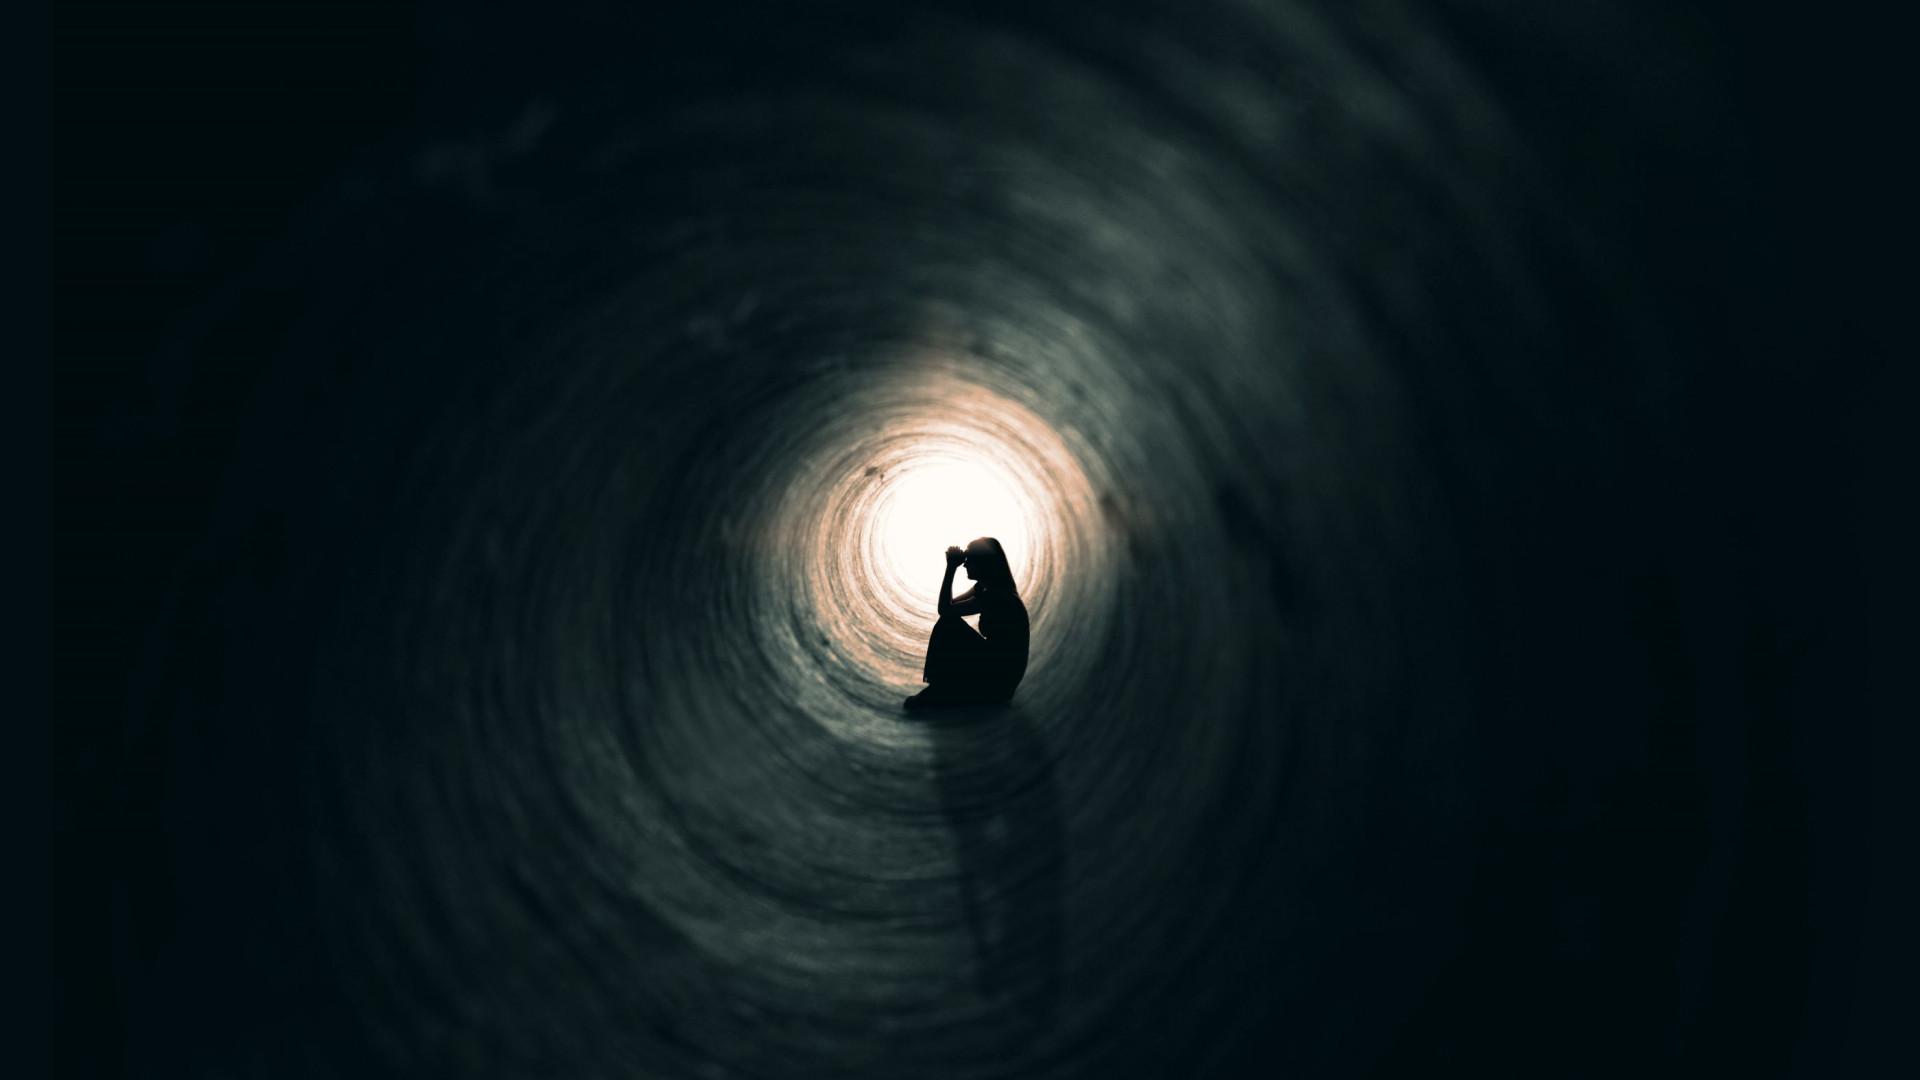 Há cada vez mais jovens que tentam o suicídio, diz novo estudo